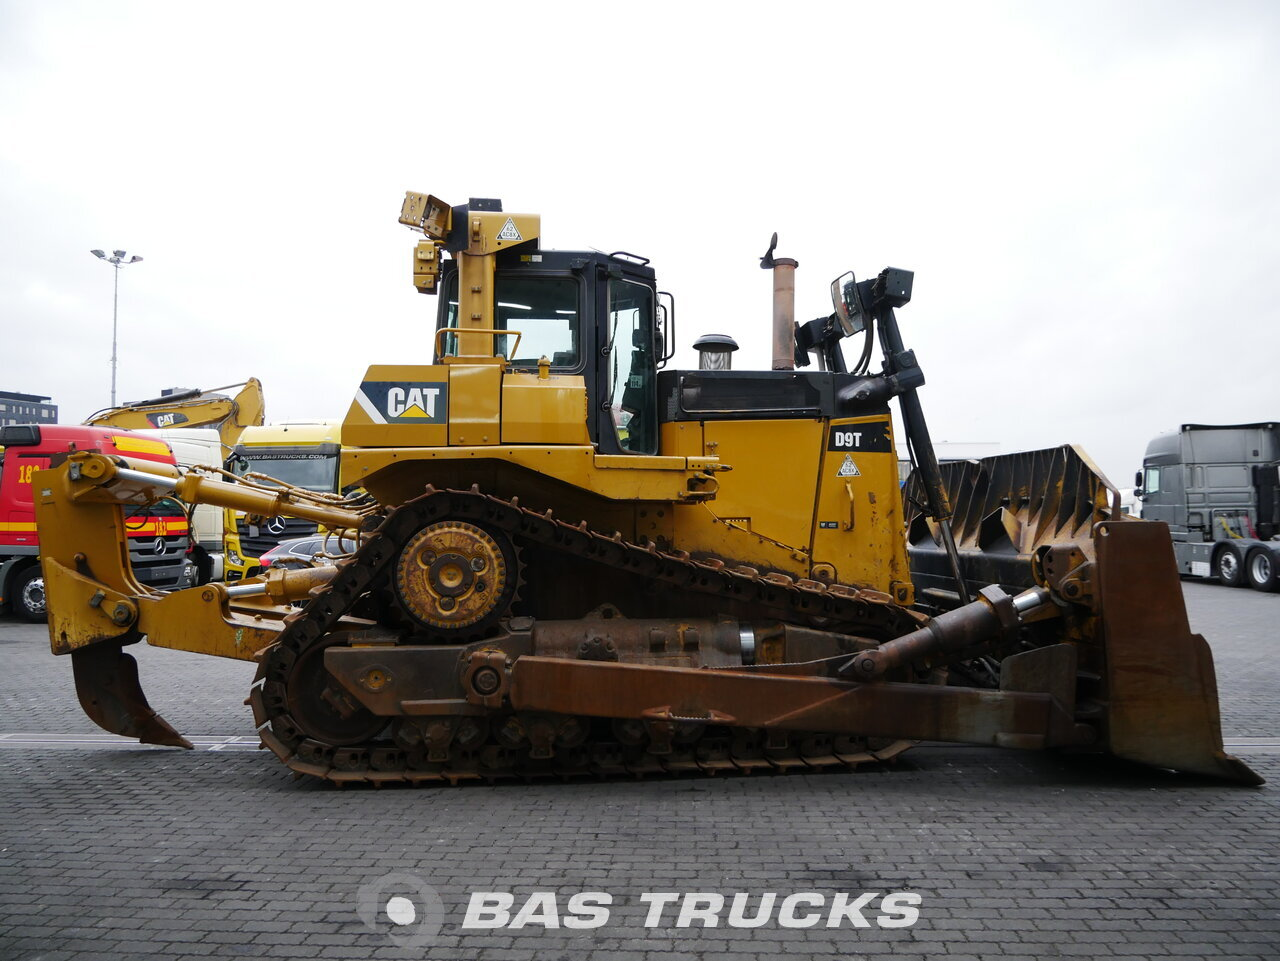 foto di Usato Macchine Movimento Terra Caterpillar D9T Track 2010